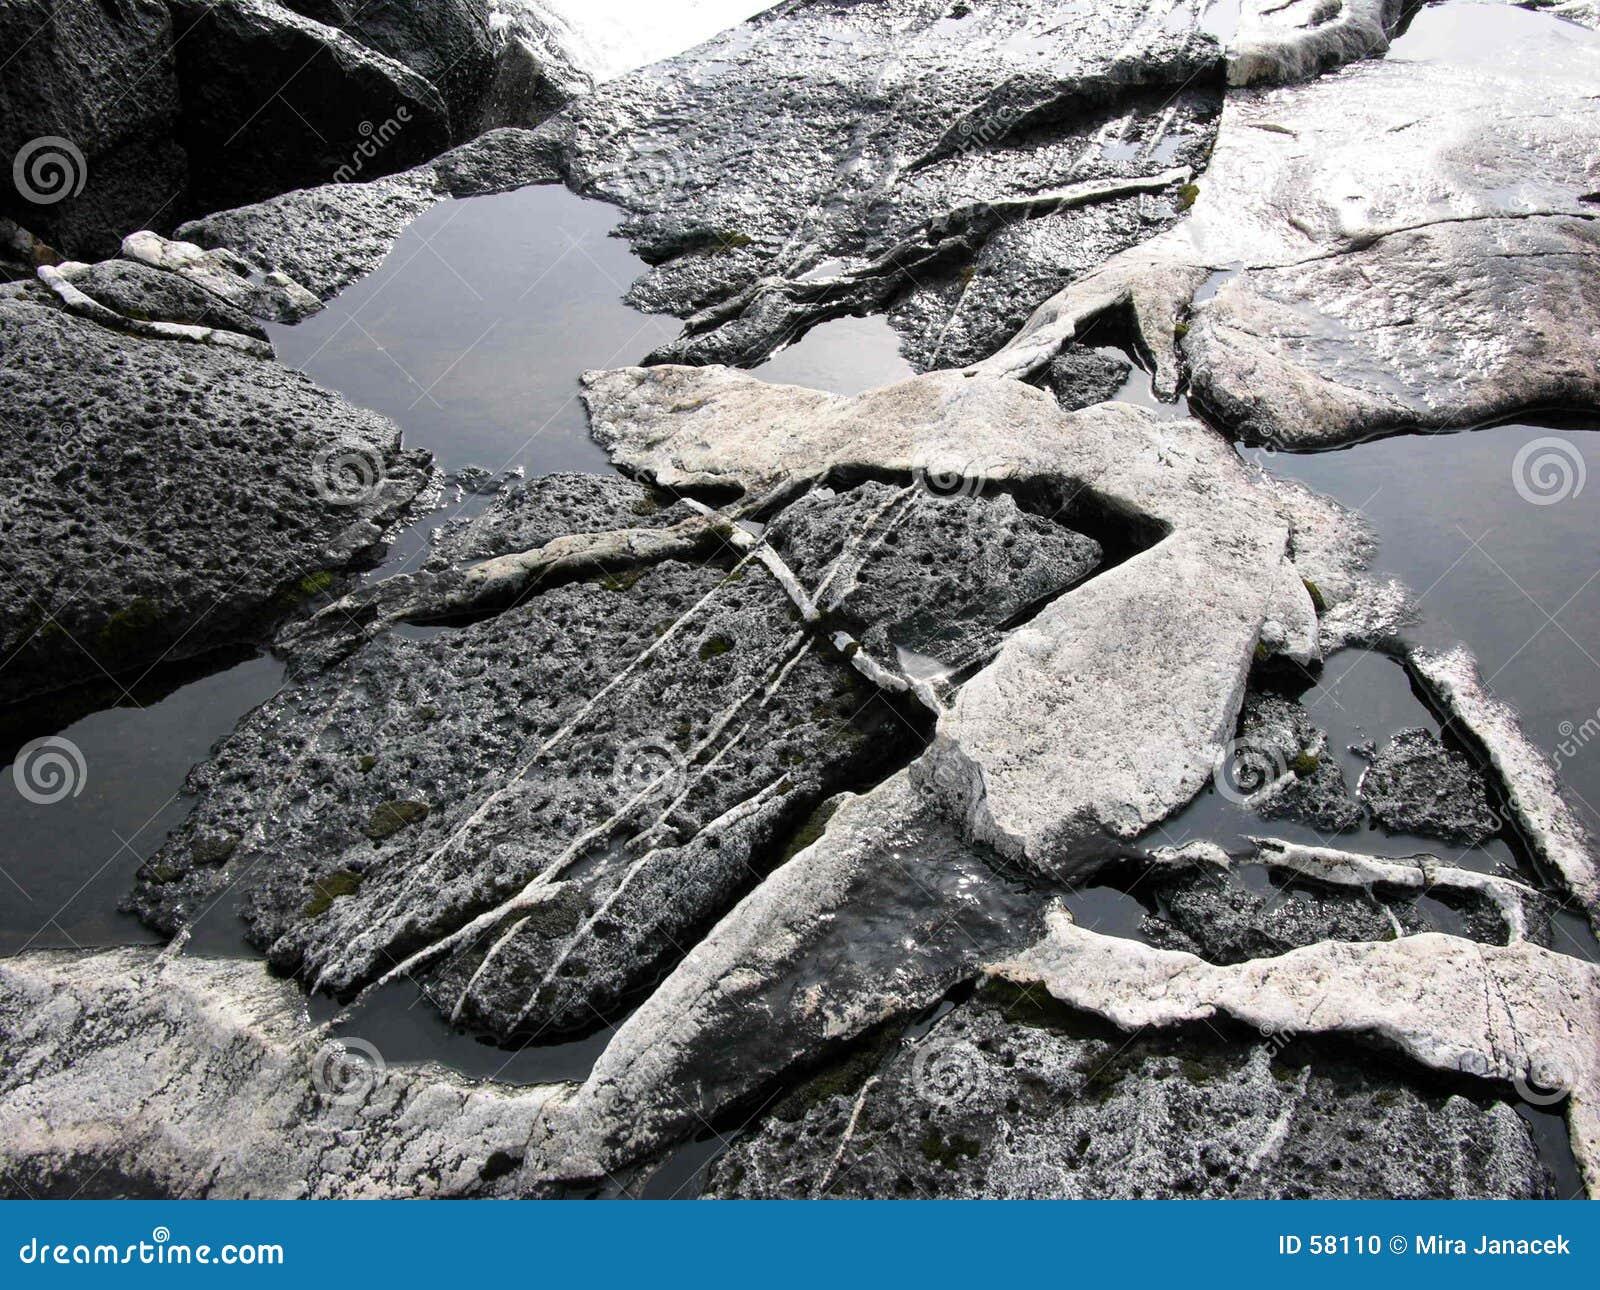 Download Pierres dans l'eau photo stock. Image du rétro, nature, abstrait - 58110